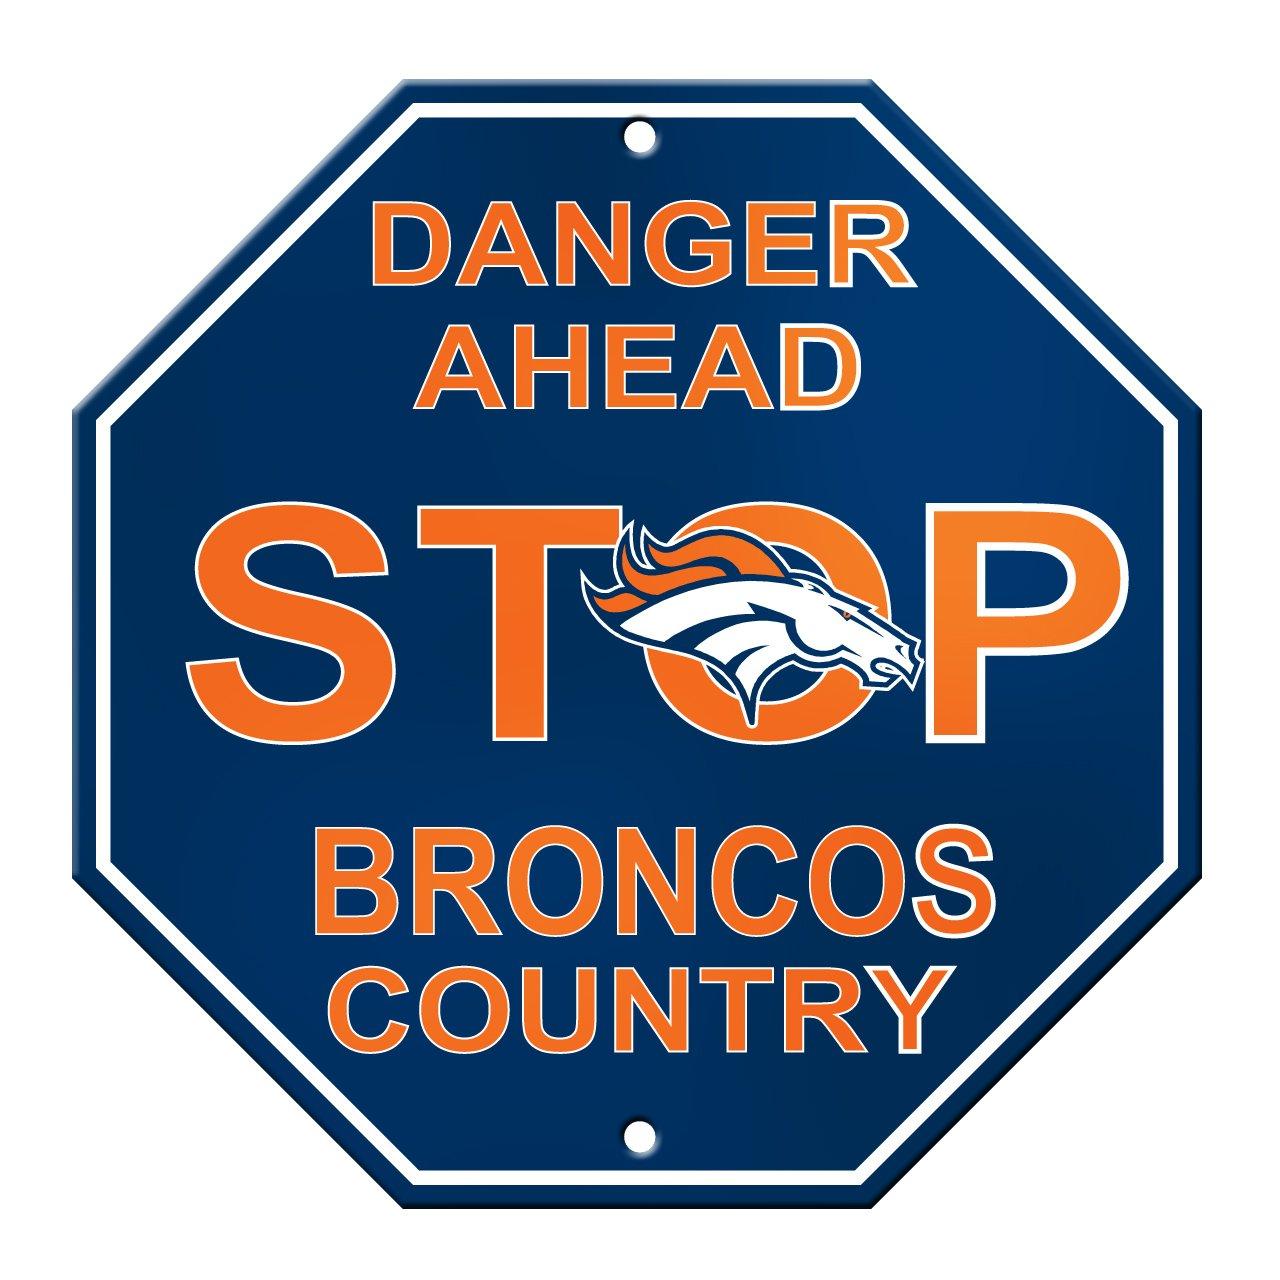 Stop Signs in Spain Nfl Denver Broncos Stop Sign